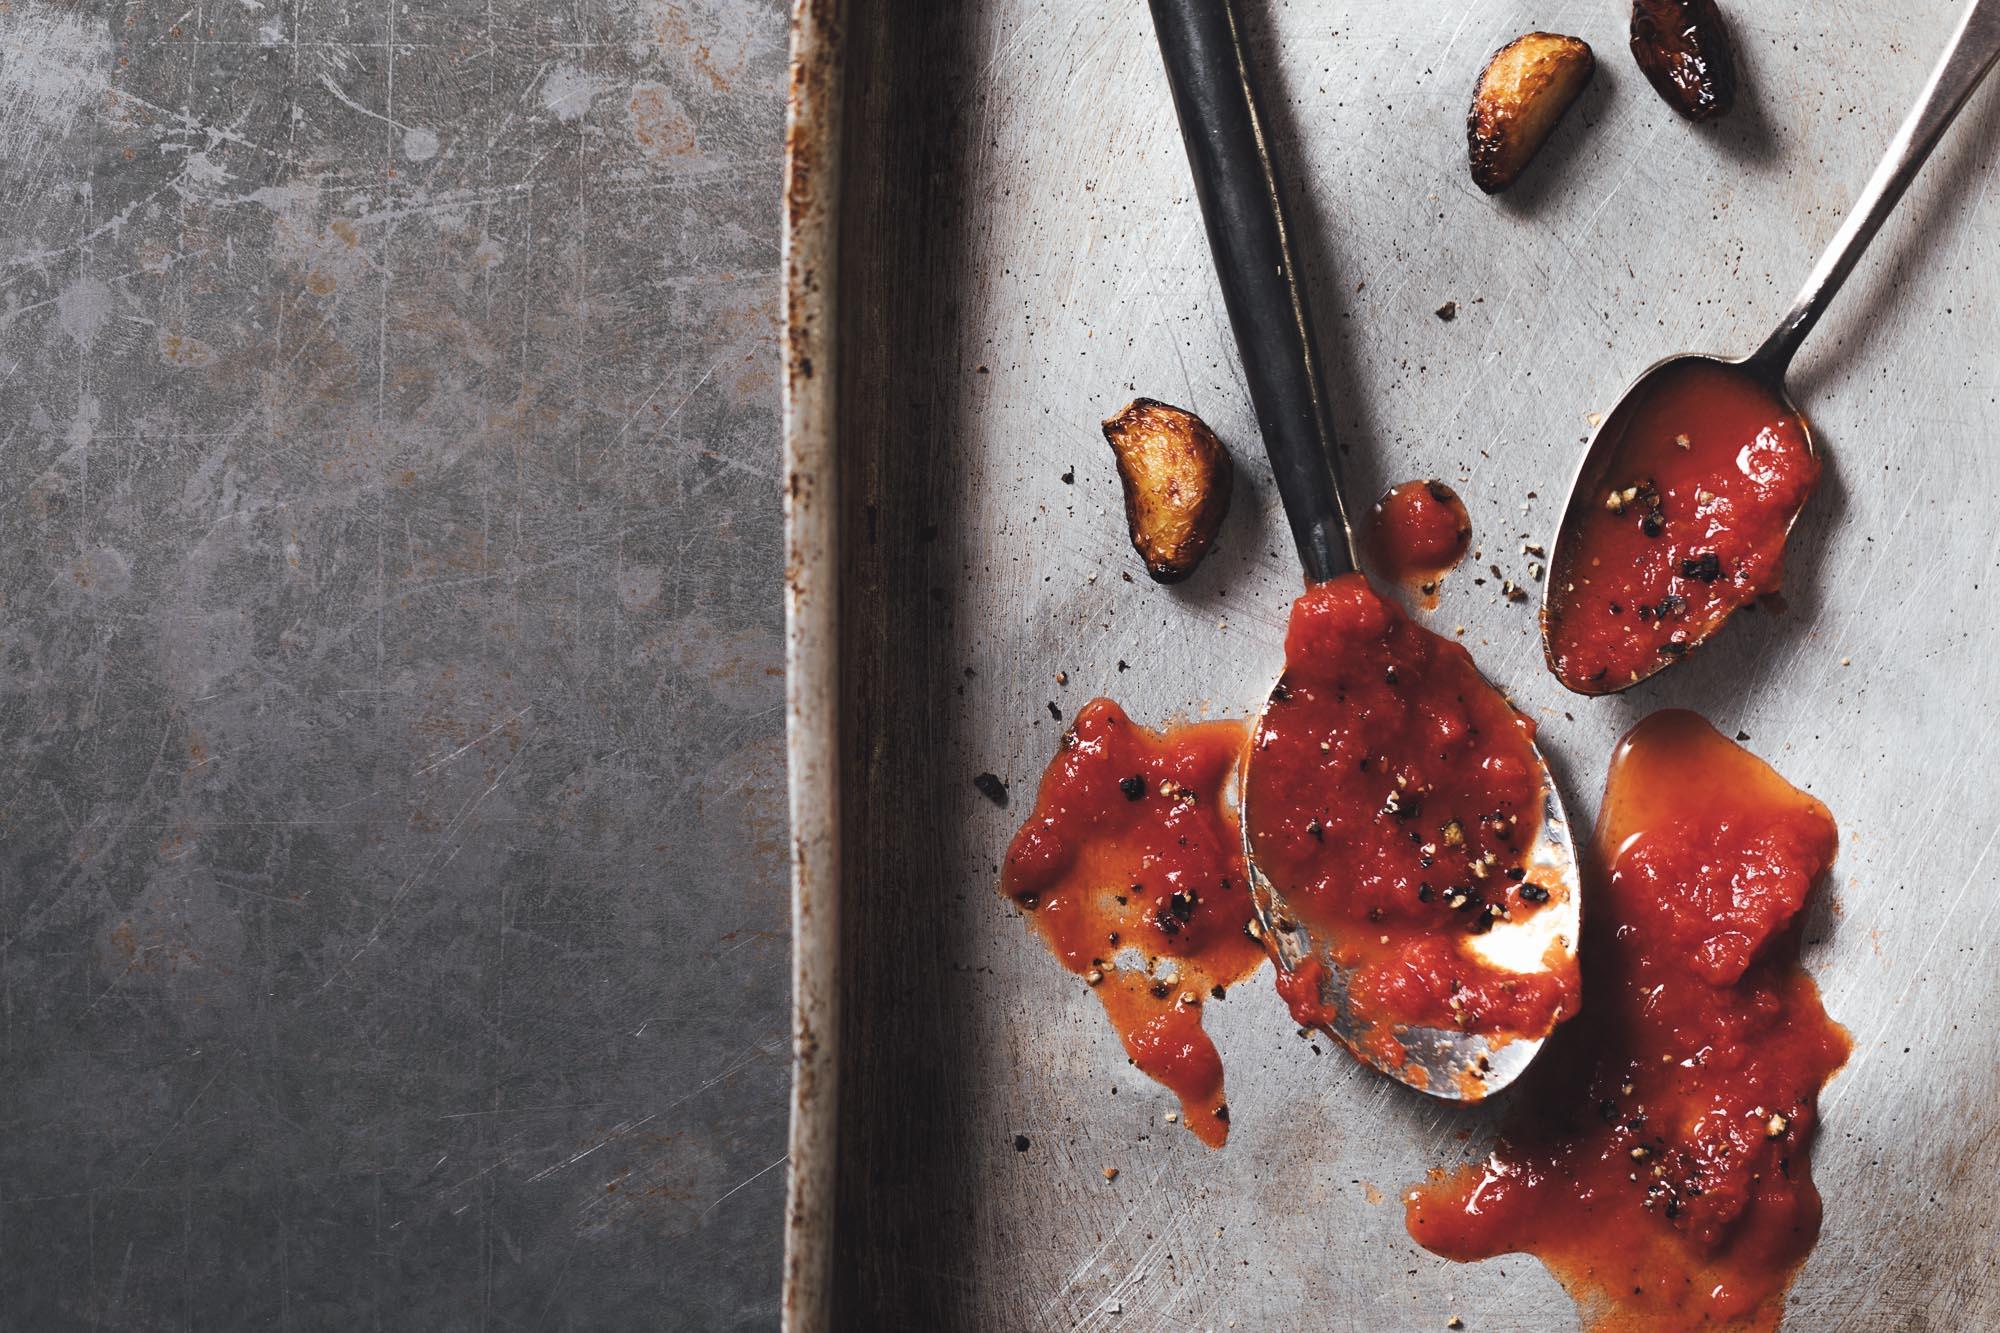 Marzanino Tomatos Sauce Espositor Neapolitan Pizza Oakman Inns.jpg